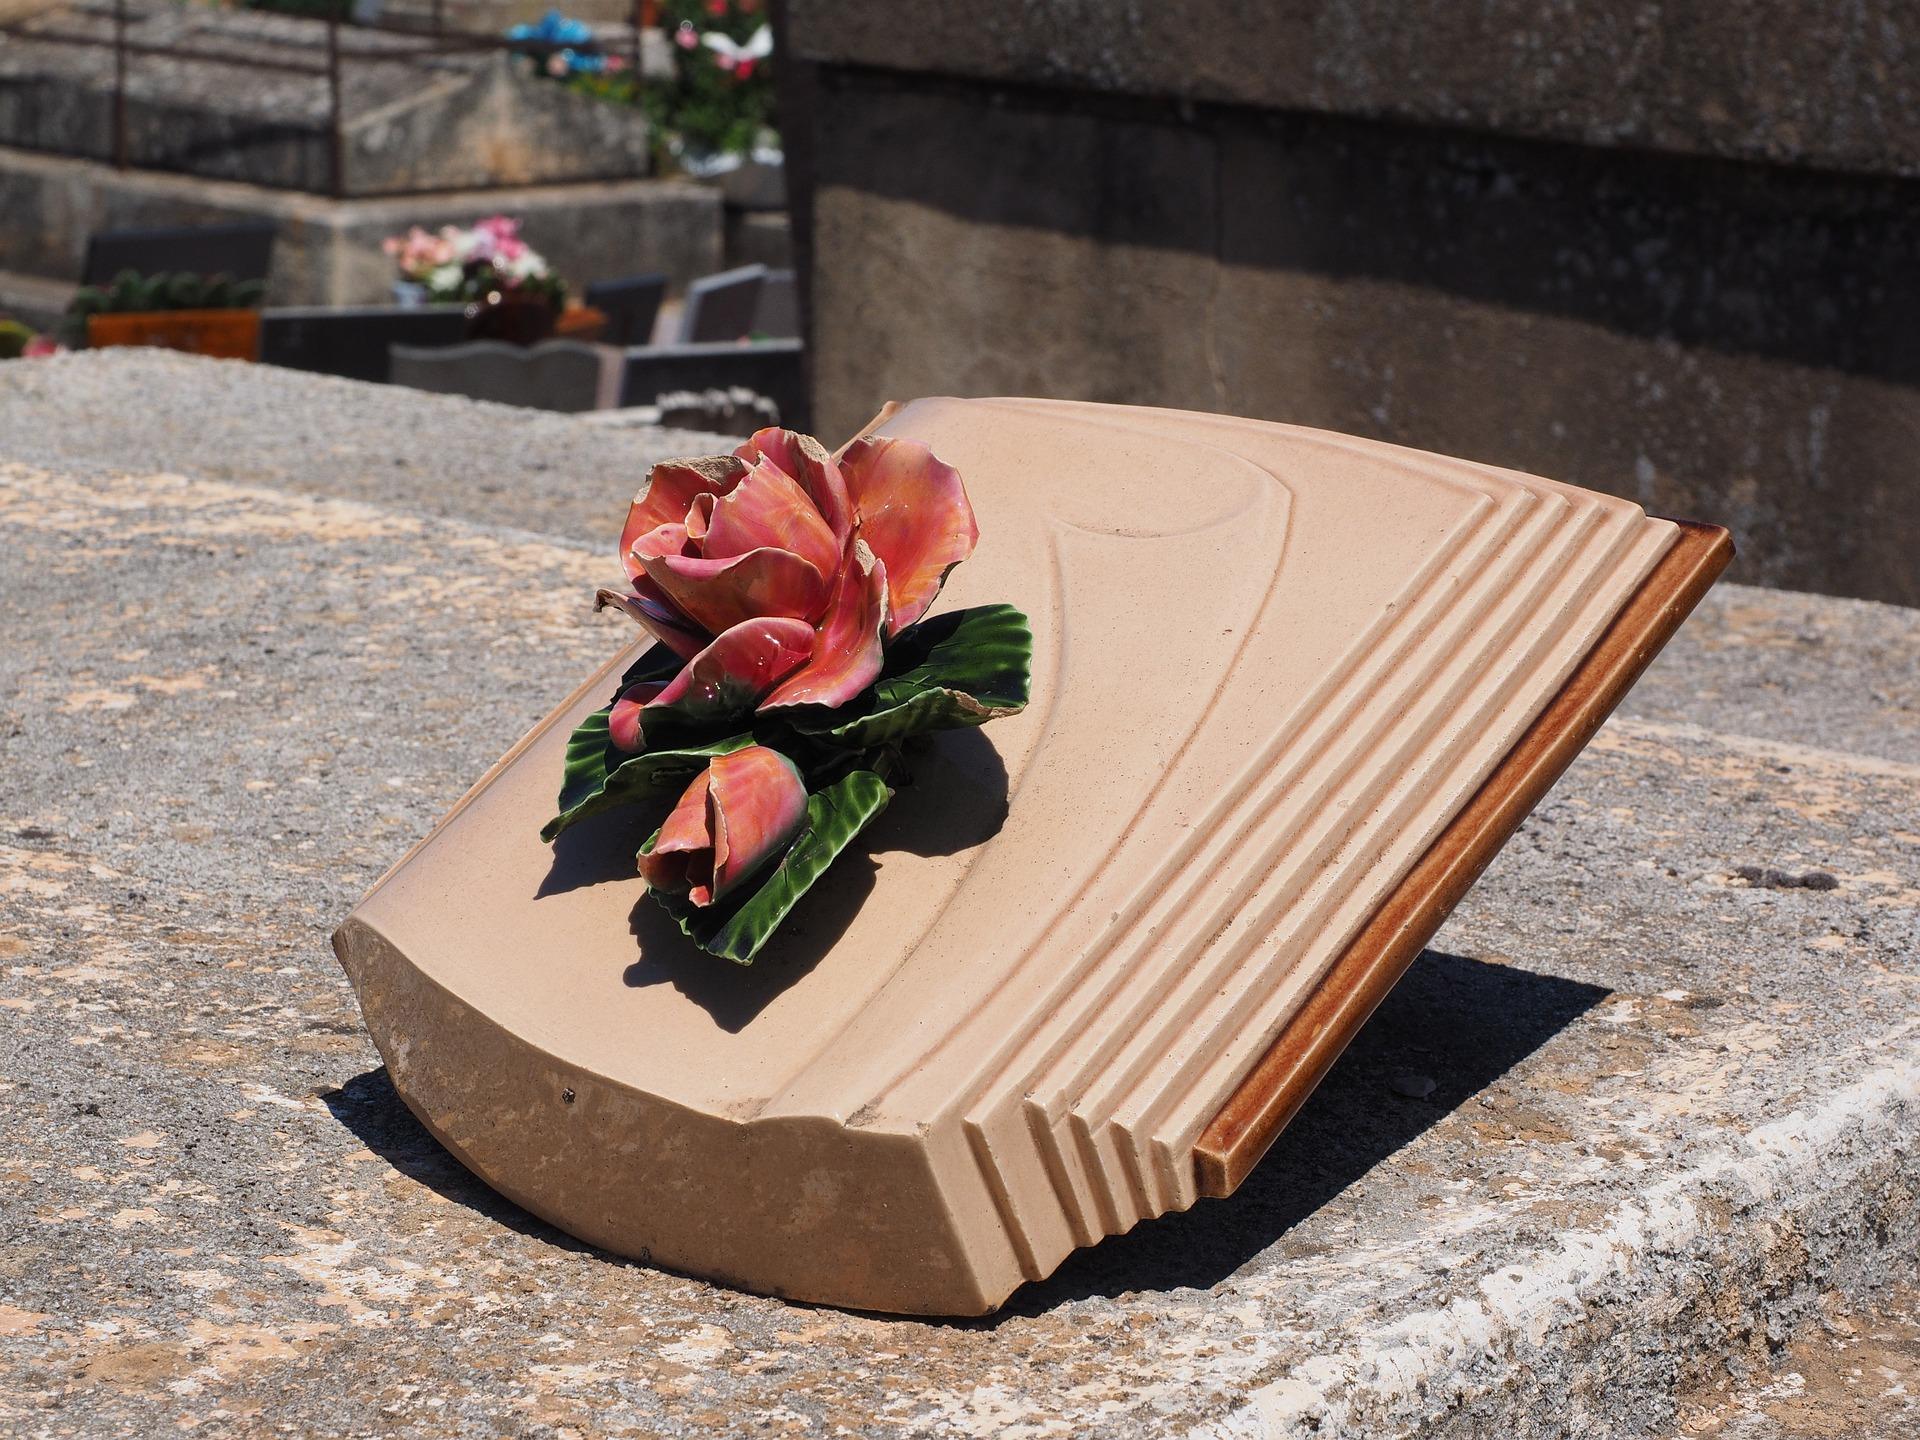 Le livre funéraire, un incontournable